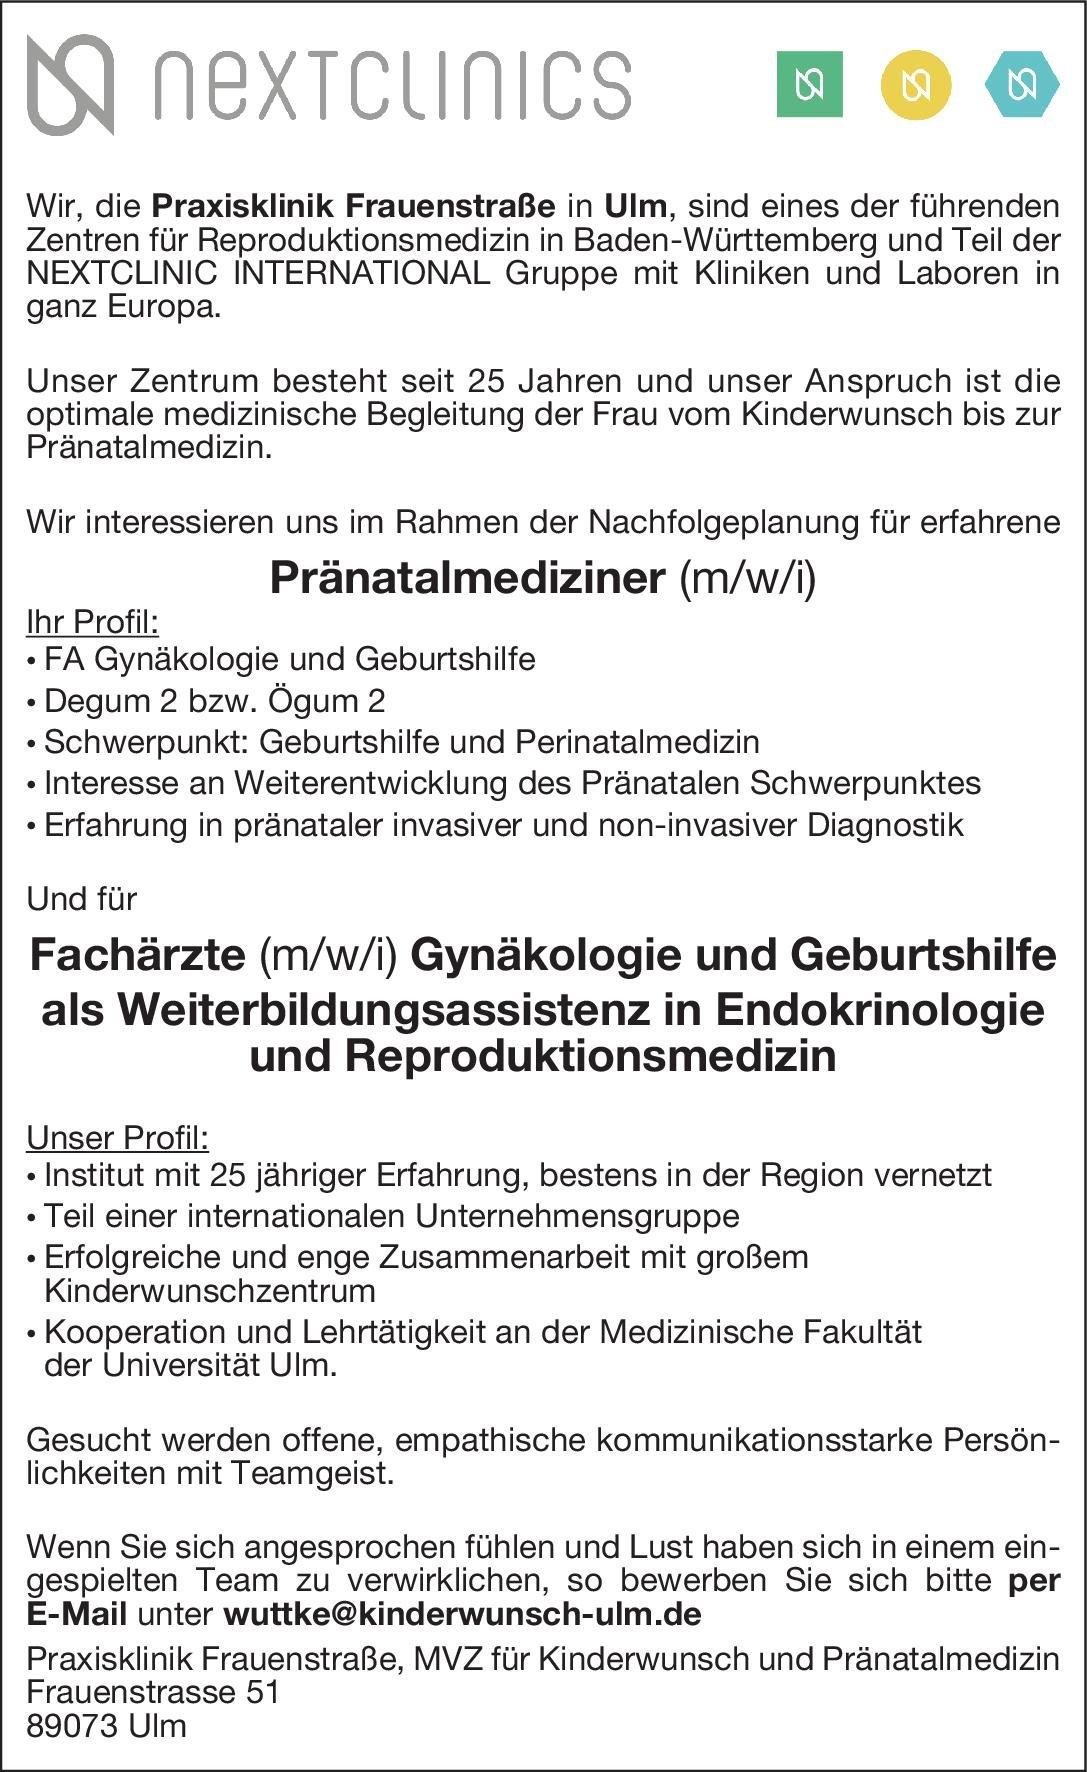 Praxisklinik Frauenstraße Pränatalmediziner (m/w/i)  Frauenheilkunde und Geburtshilfe, Frauenheilkunde und Geburtshilfe Arzt / Facharzt